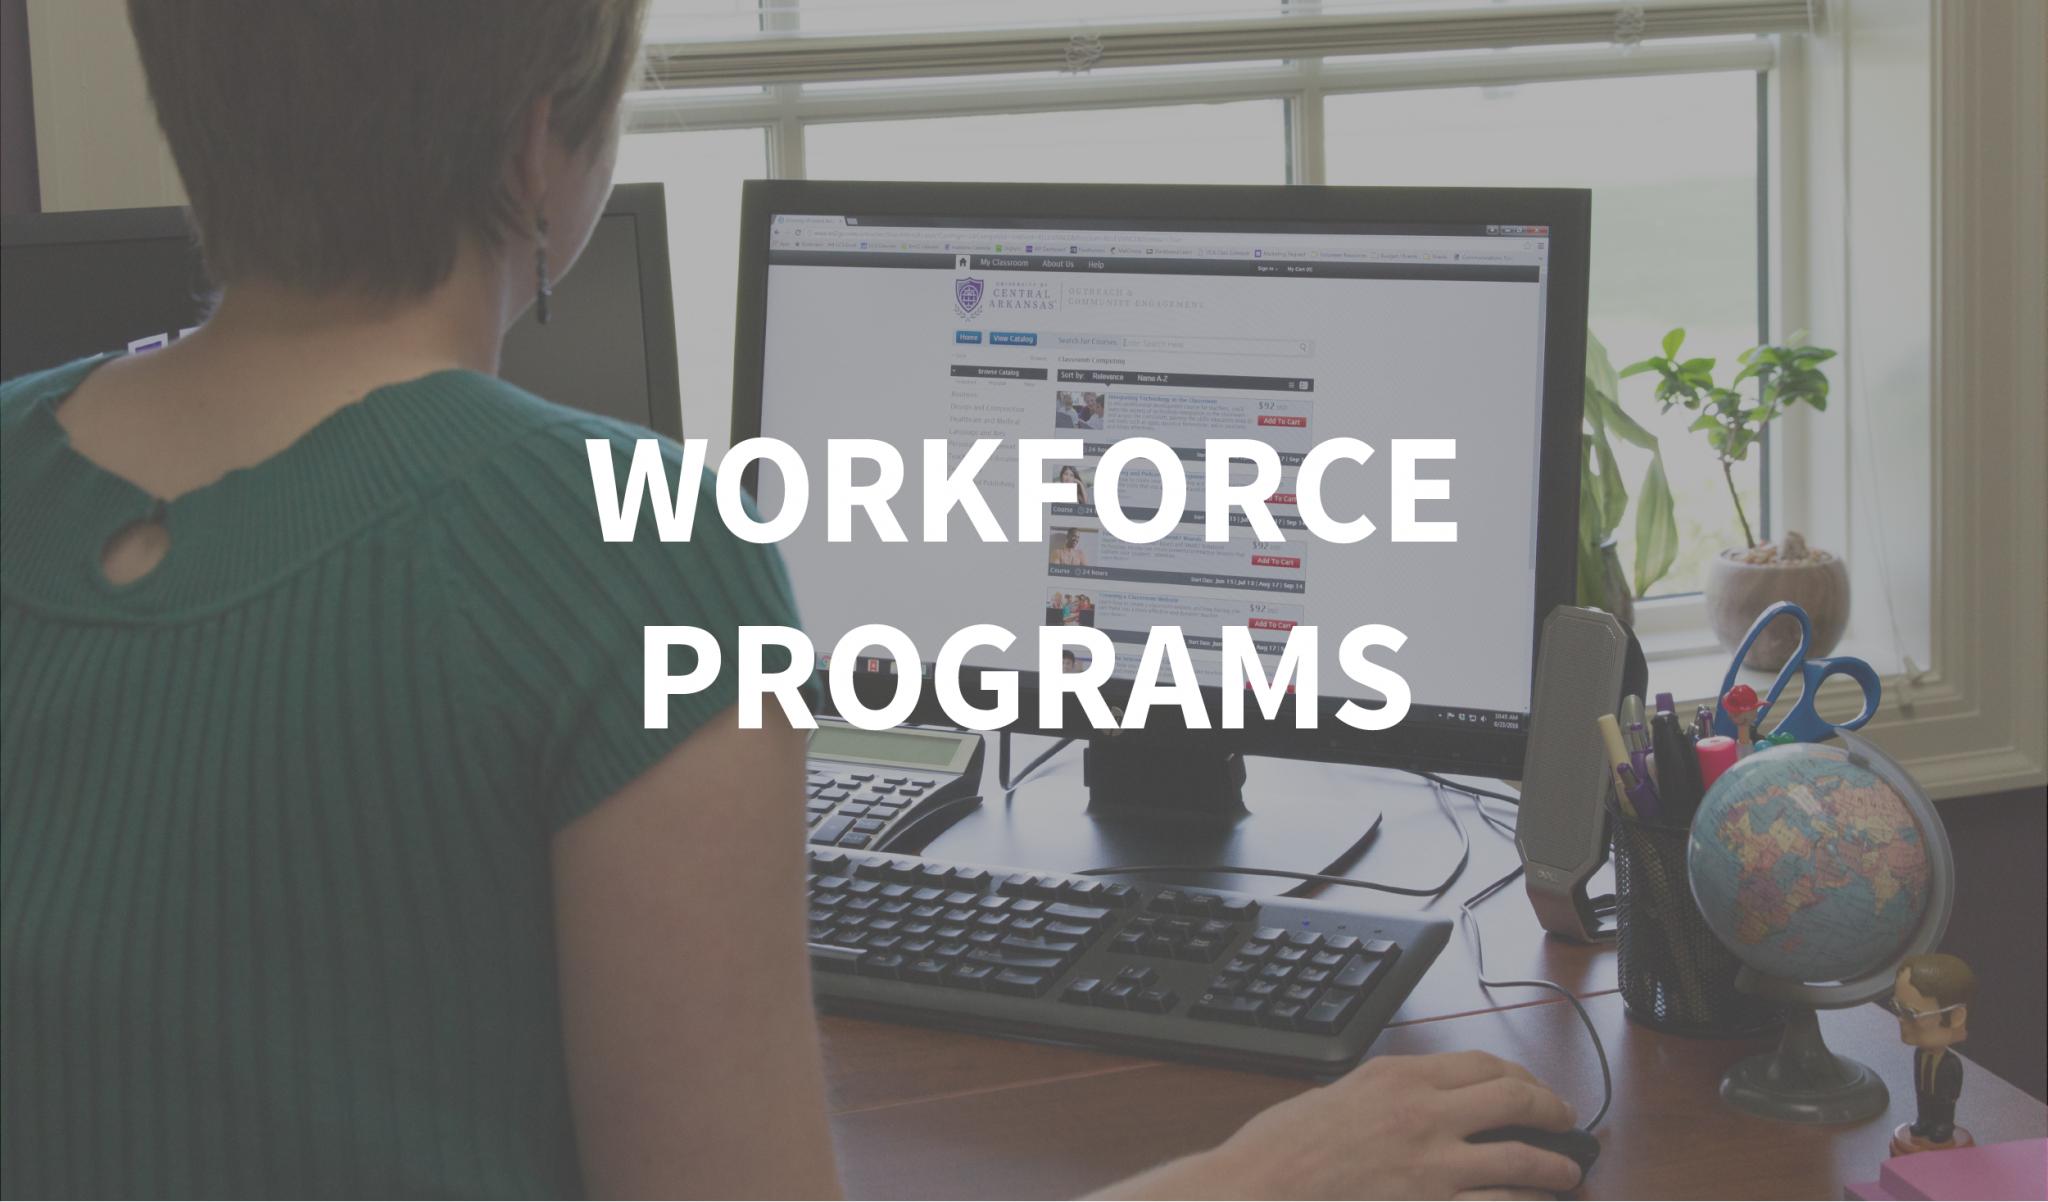 Workforce Programs